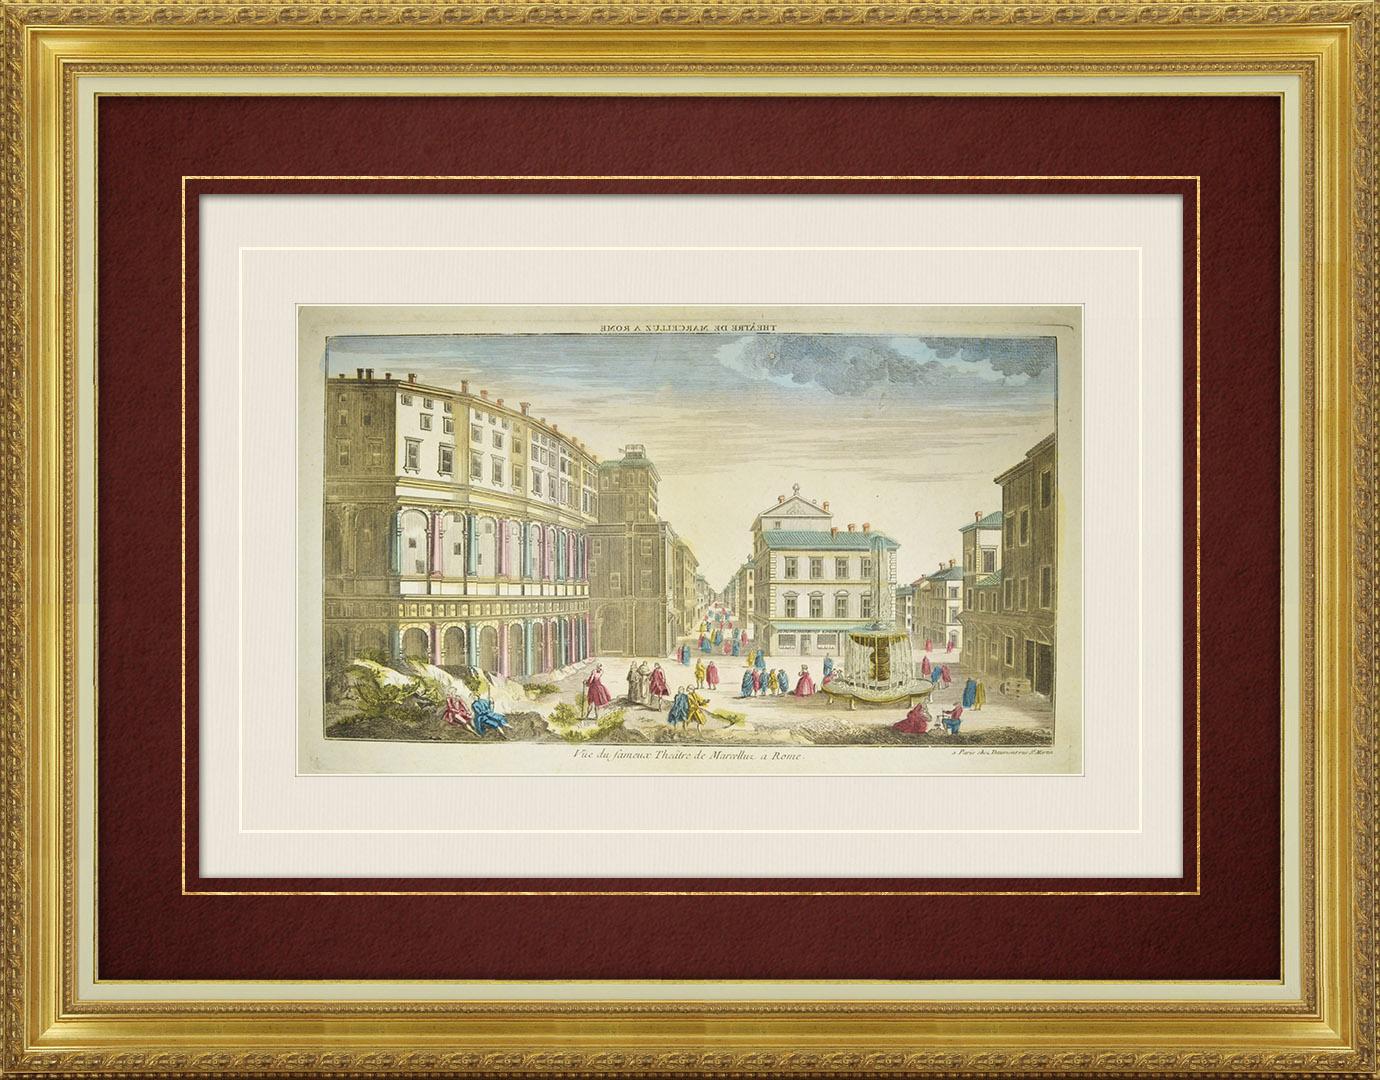 Vue d'optique du 18e siècle en coloris d'époque du Théâtre de Marcellus - Rome (Italie)